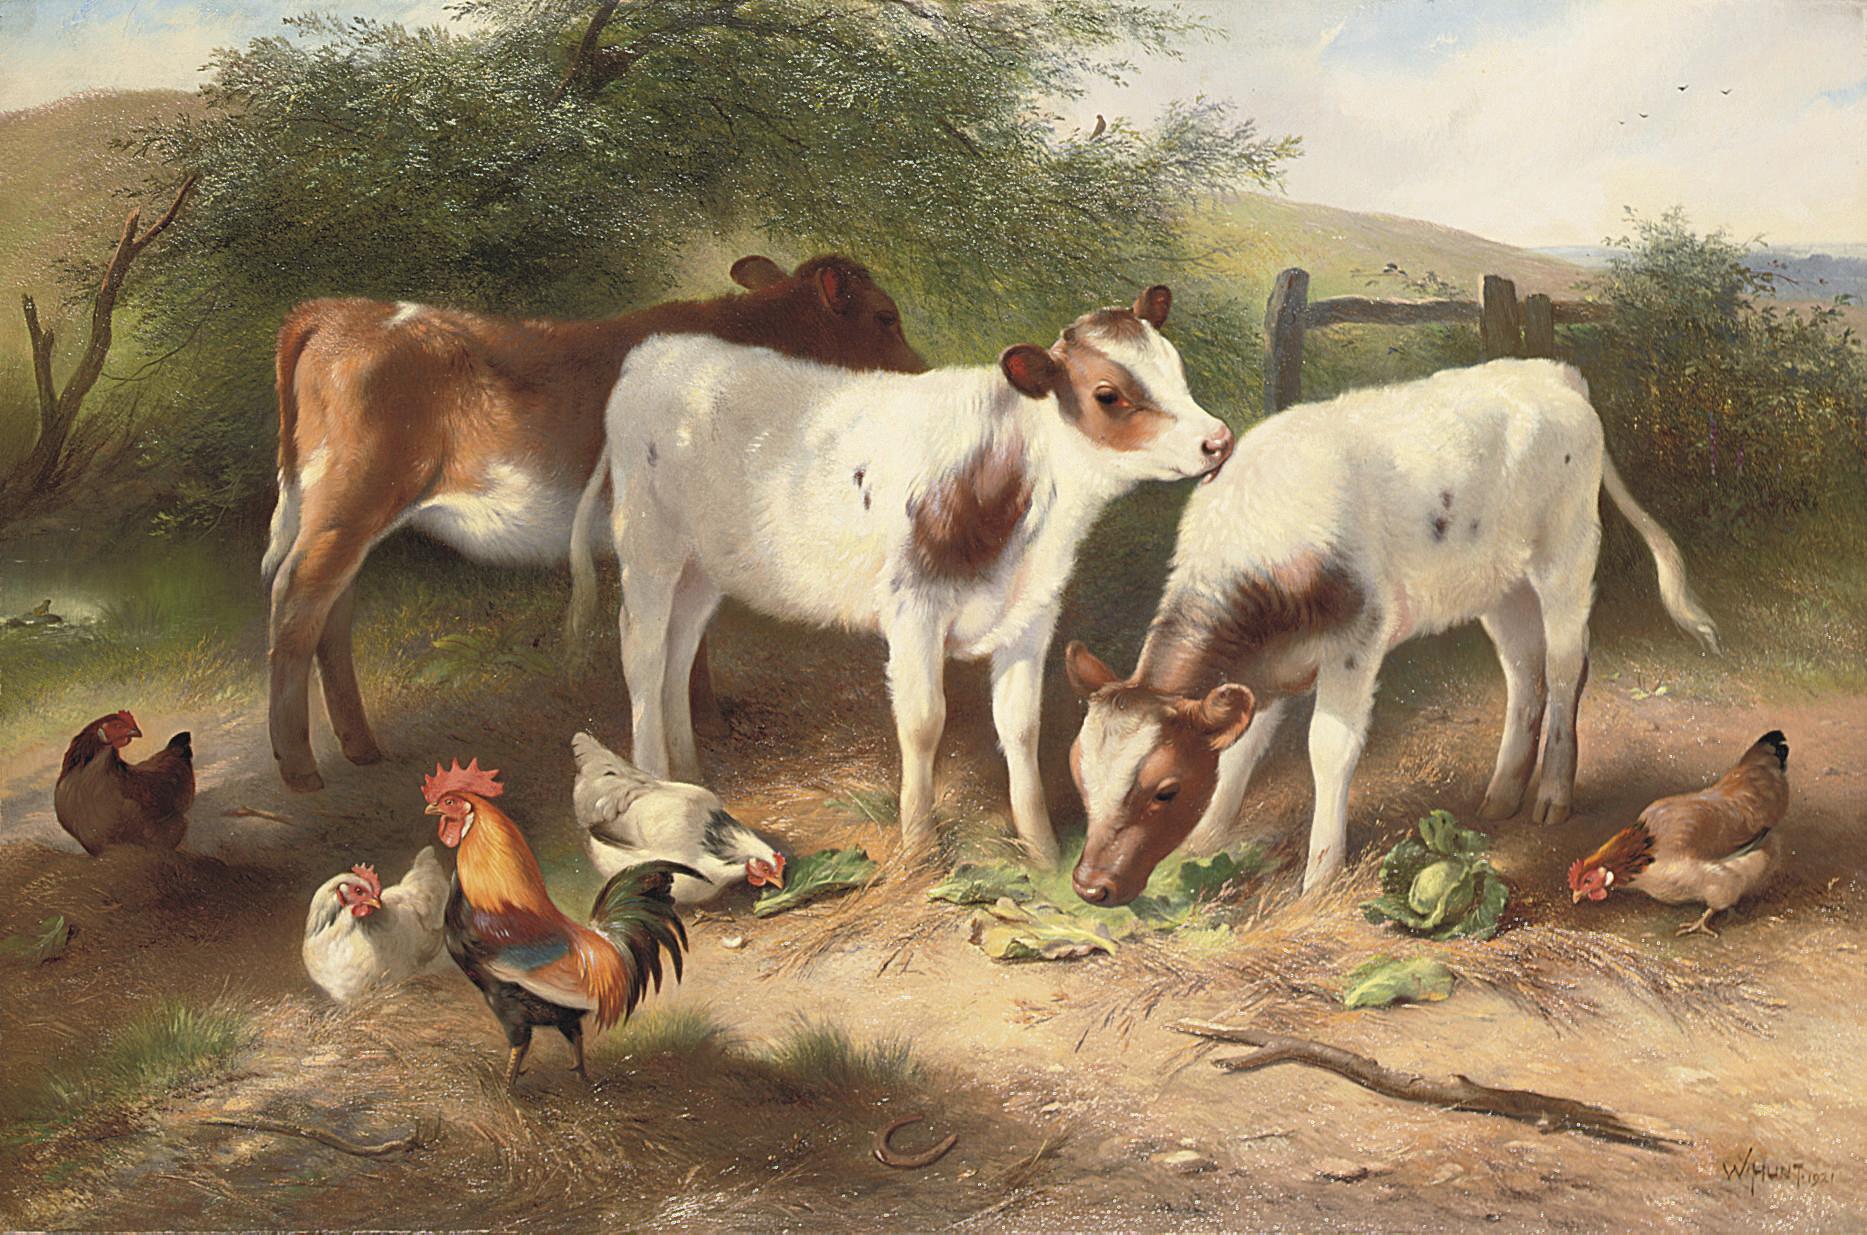 Walter Hunt (1860-1941)